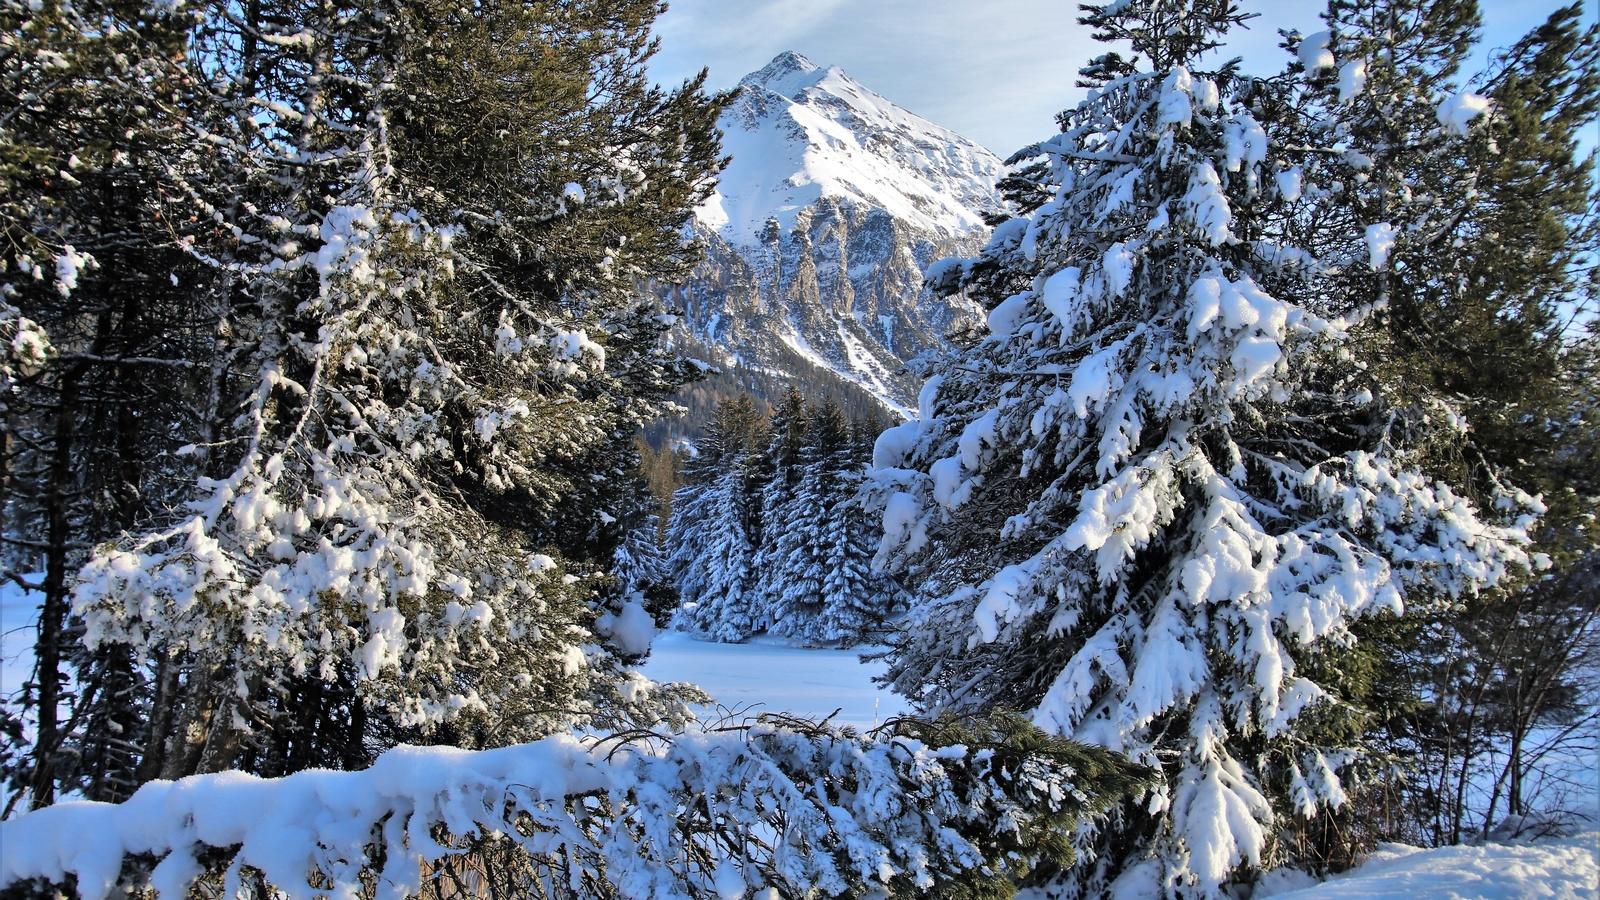 лес, снег, горы, небо